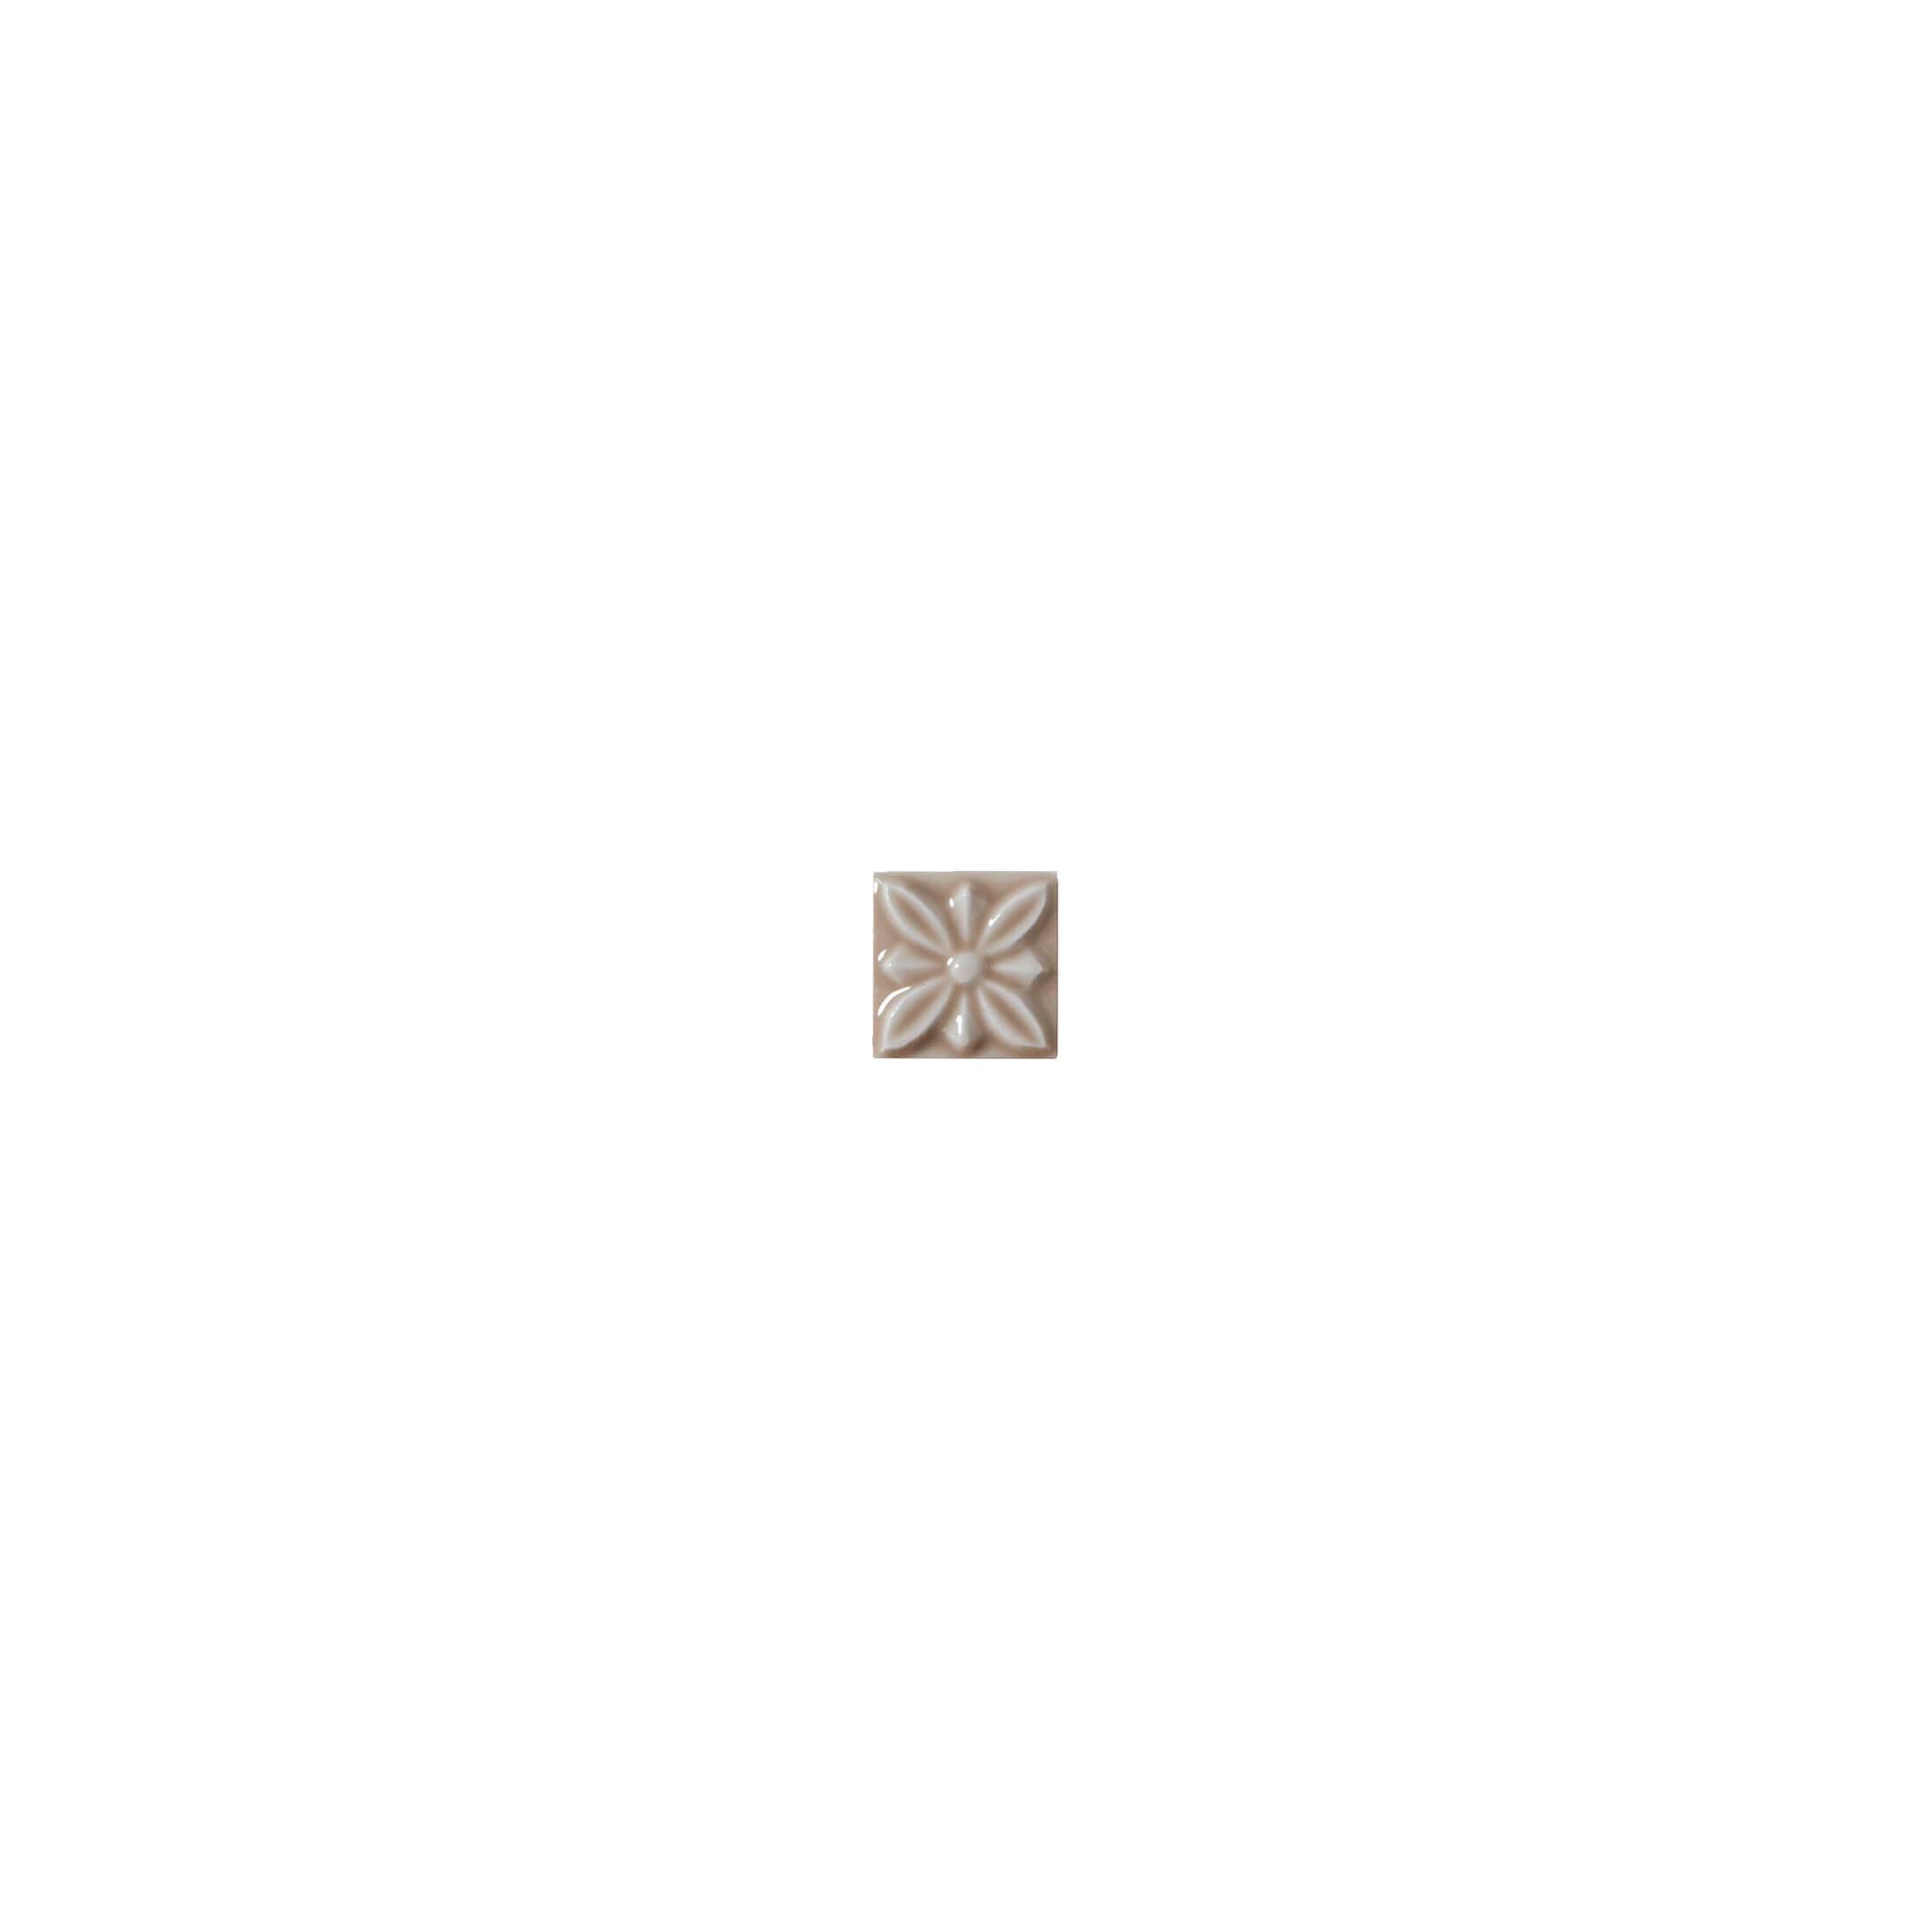 ADST4055 - TACO RELIEVE FLOR Nº 1 - 3 cm X 3 cm